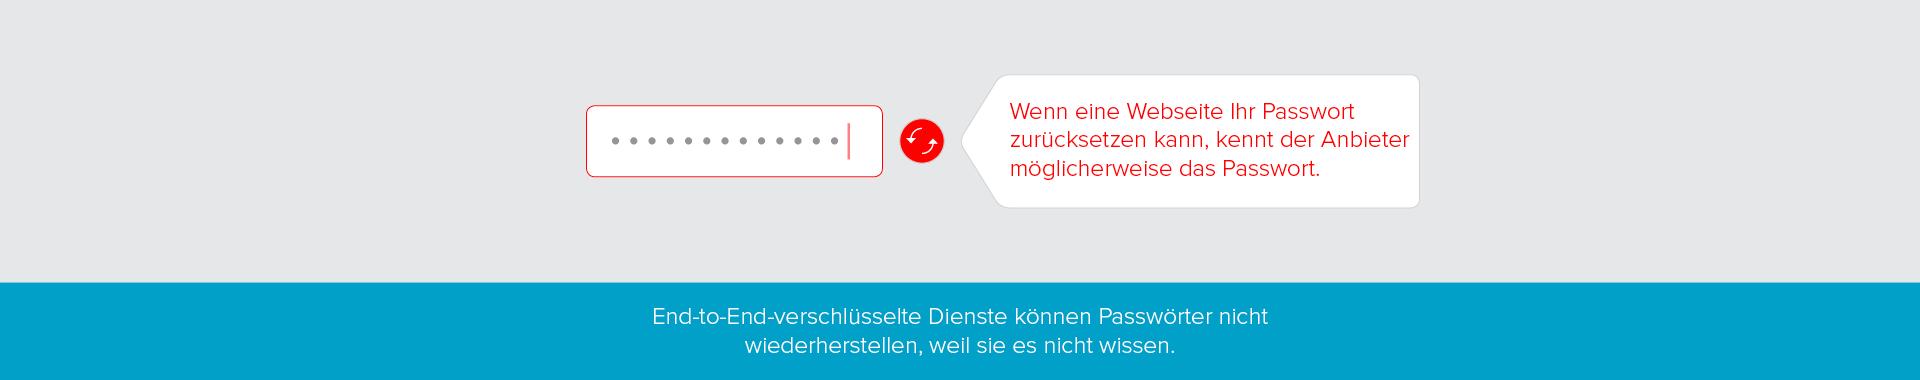 Ist Ihr Passwort sicher?